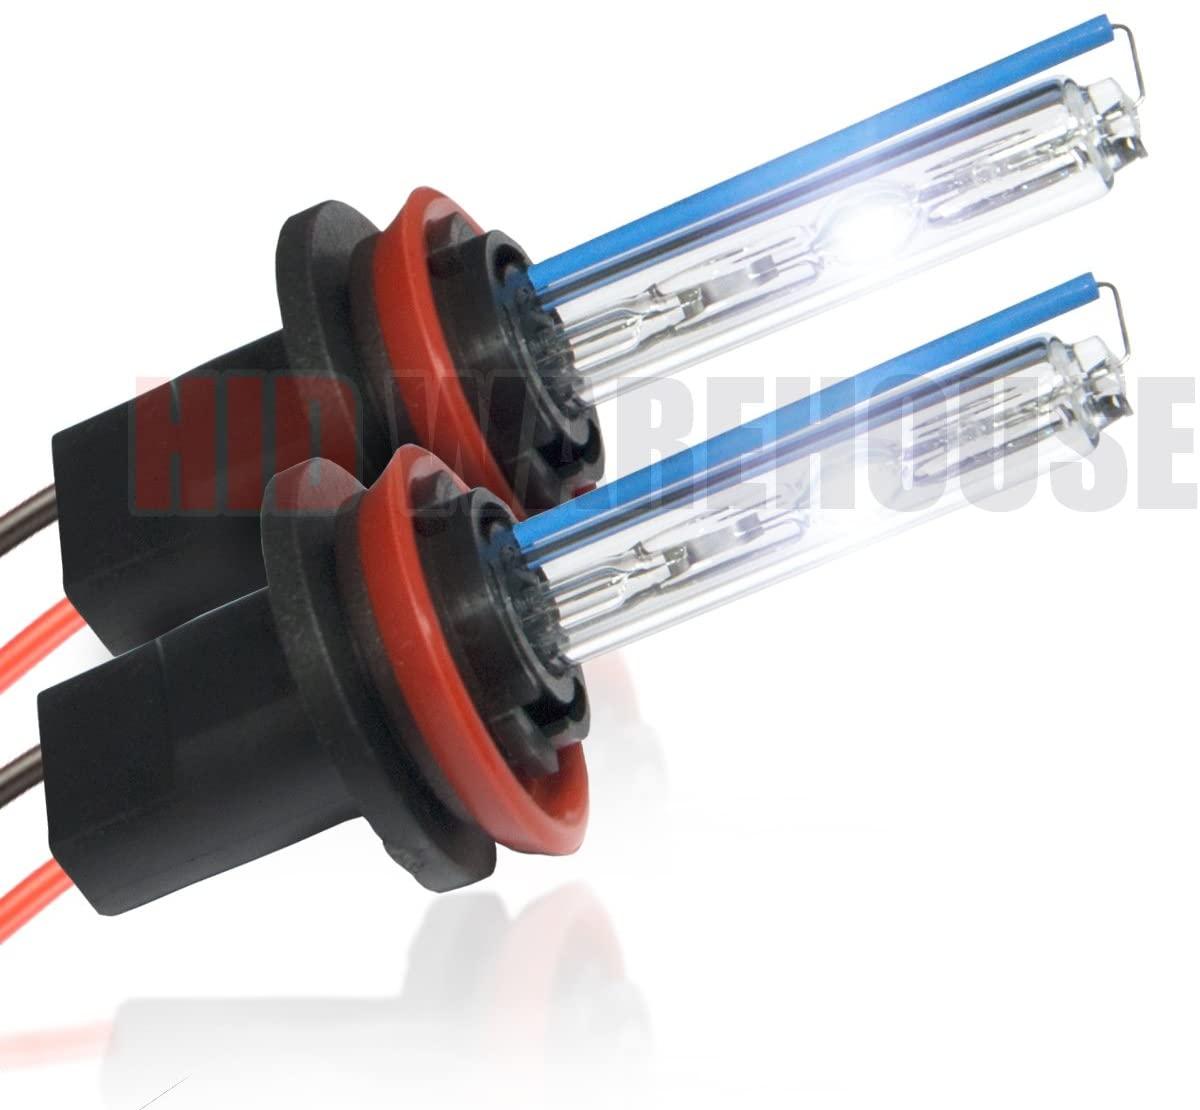 HID-Warehouse HID Xenon Replacement Bulbs - H11 8000K - Medium Blue (1 Pair)